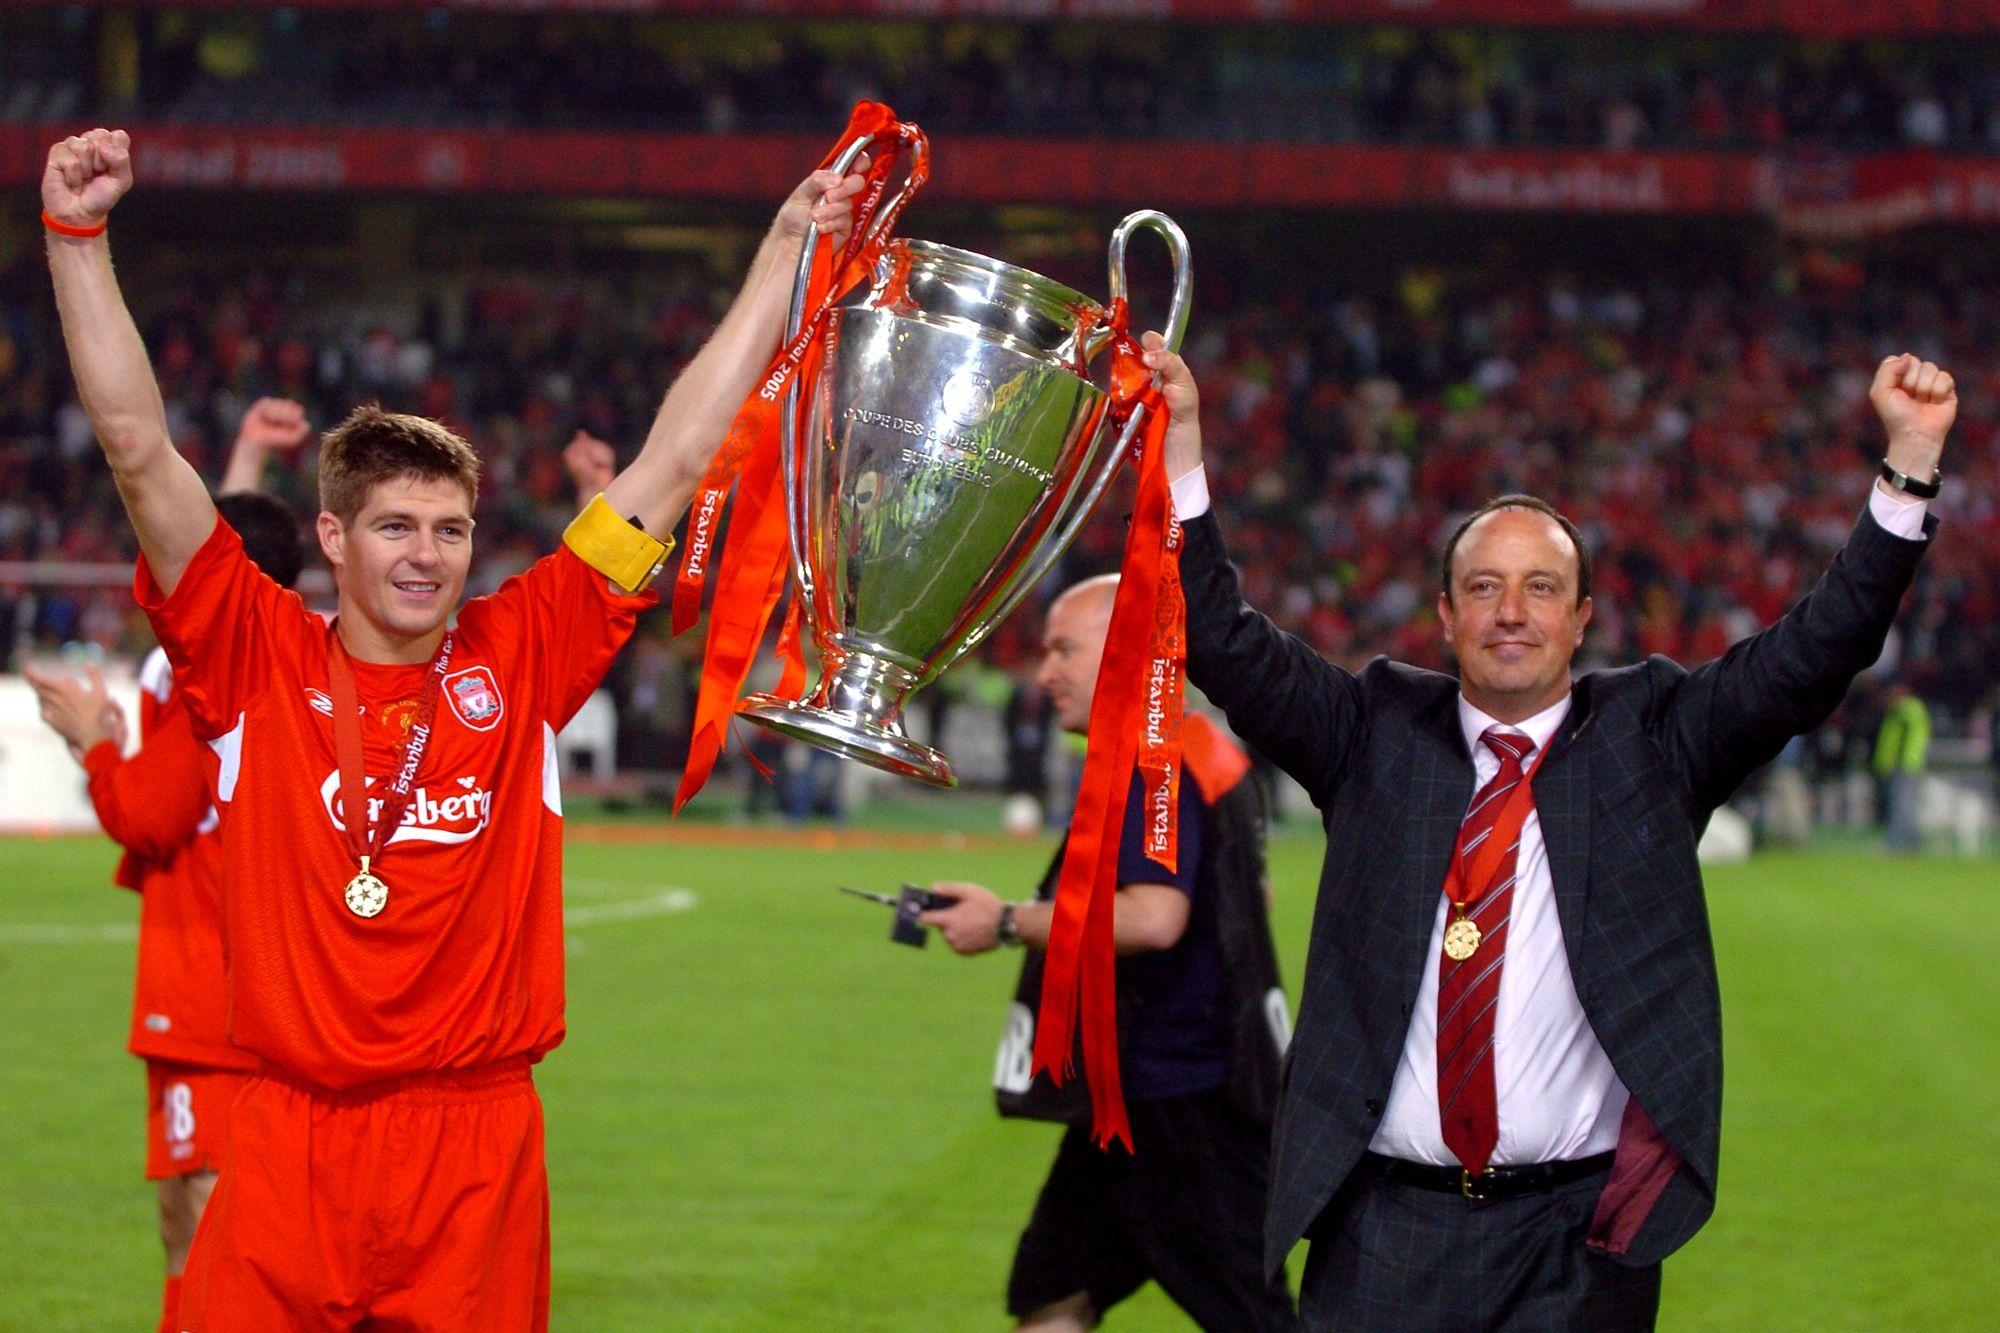 Resultado de imagen de final champions league 2005